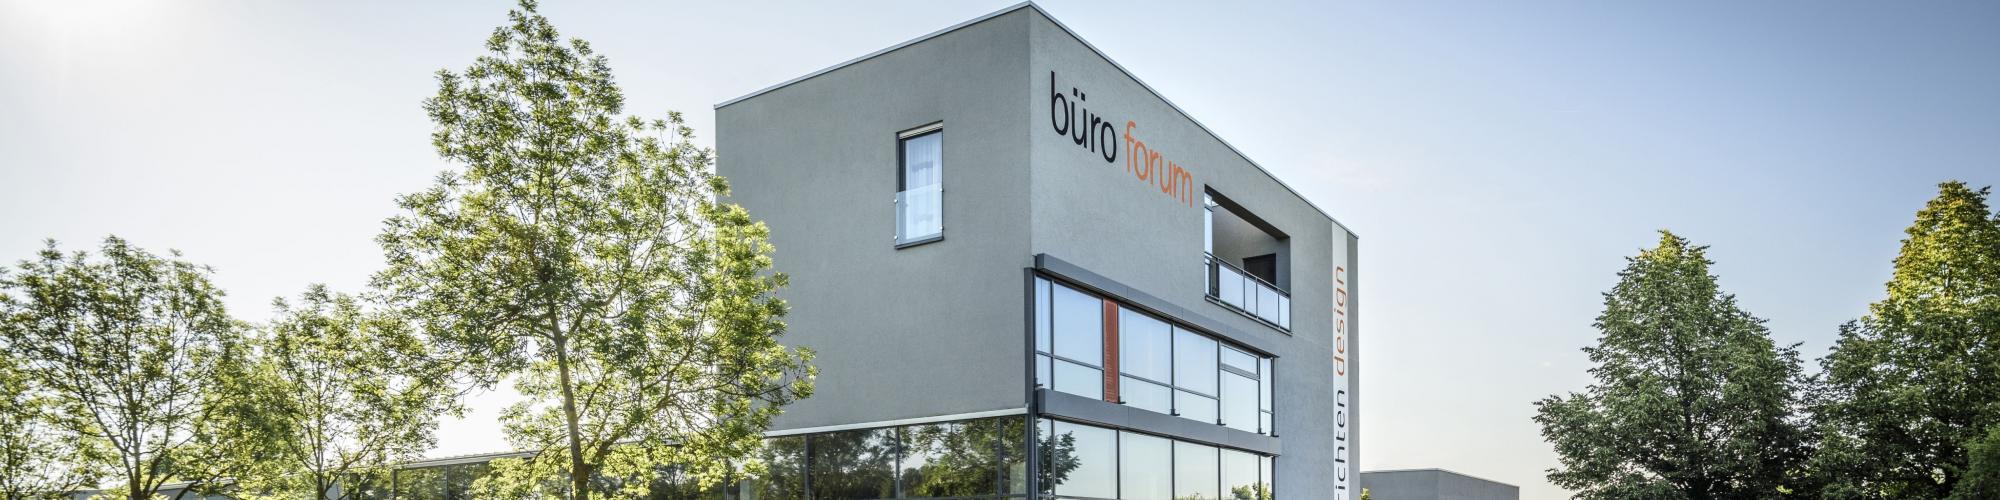 büroforum - planen und einrichten GmbH